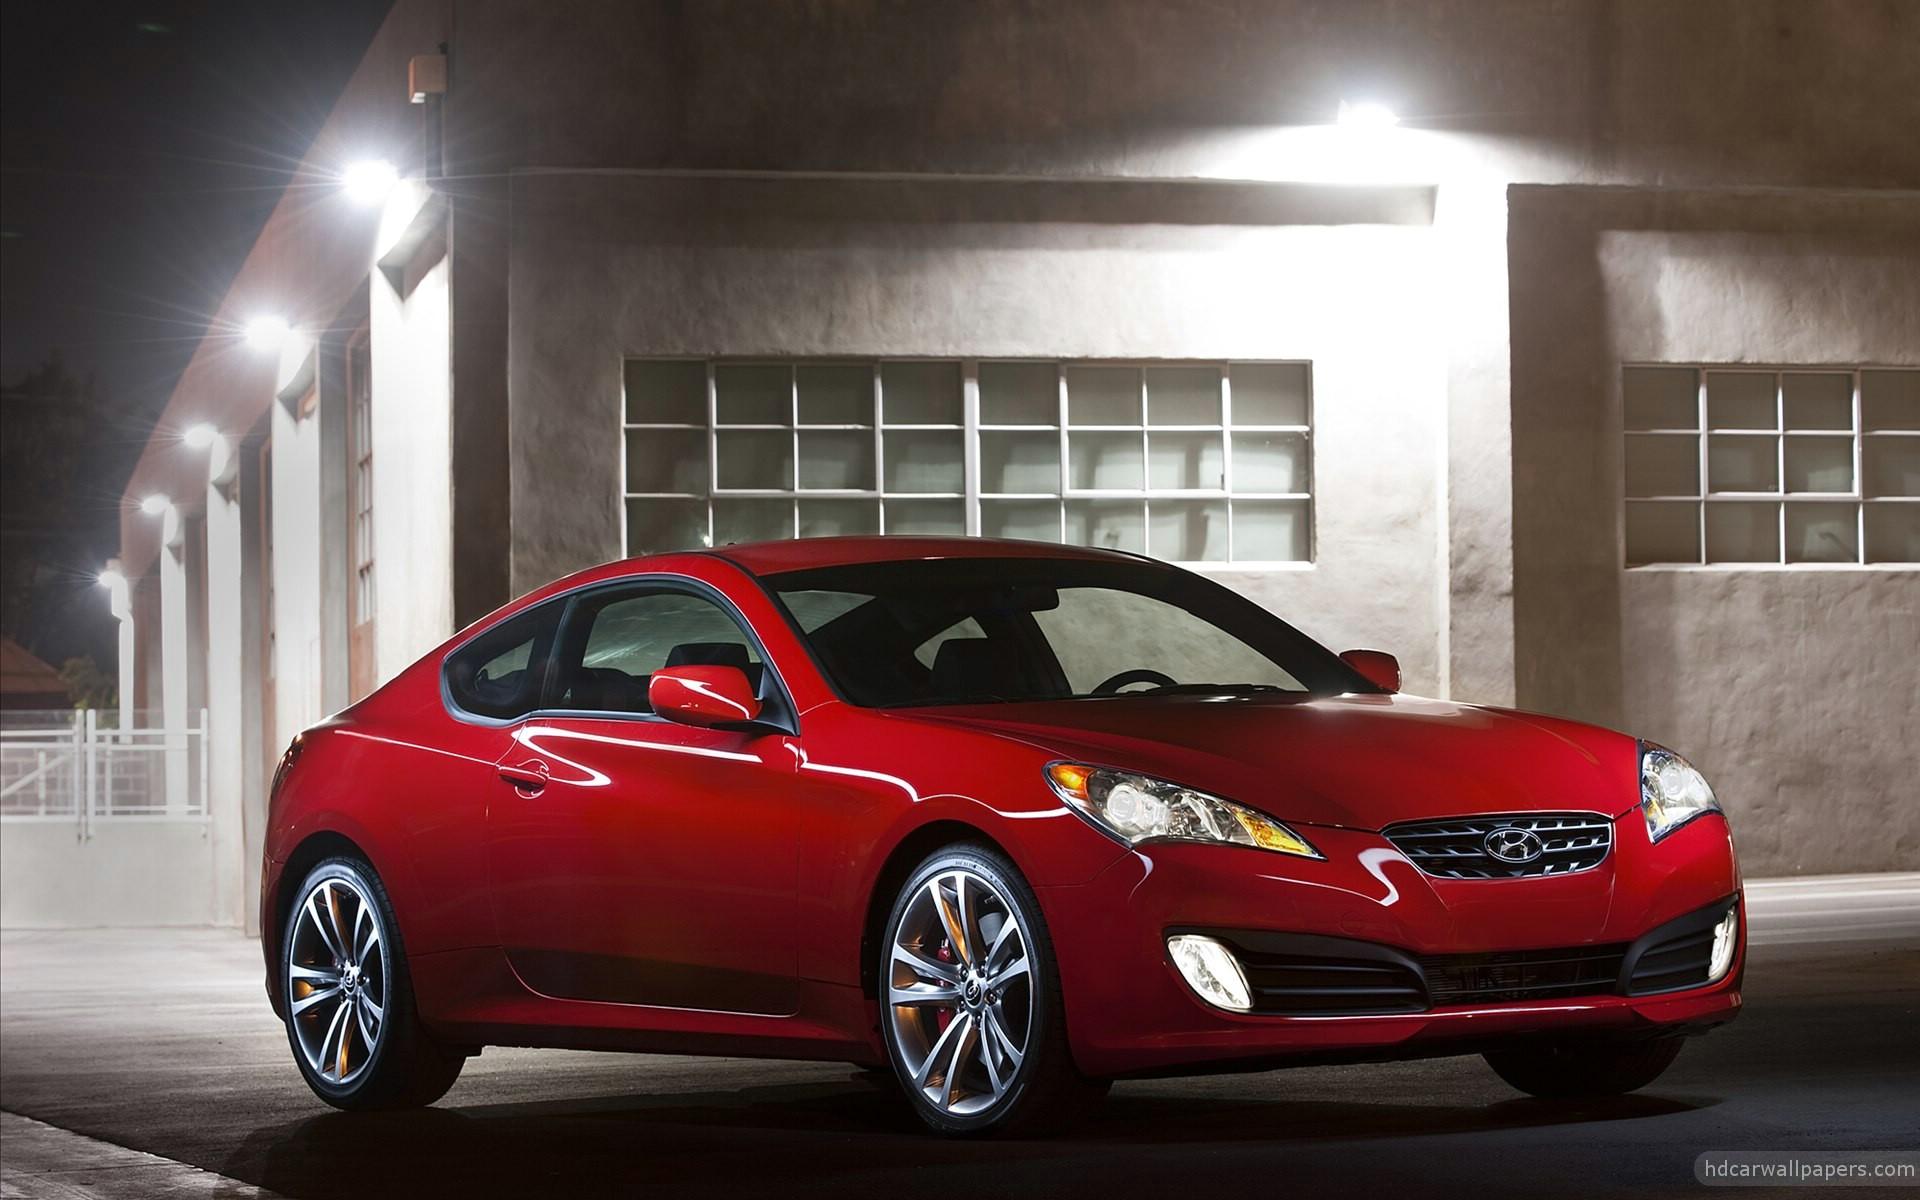 2012 Hyundai Genesis Coupe Wallpaper | HD Car Wallpapers ...